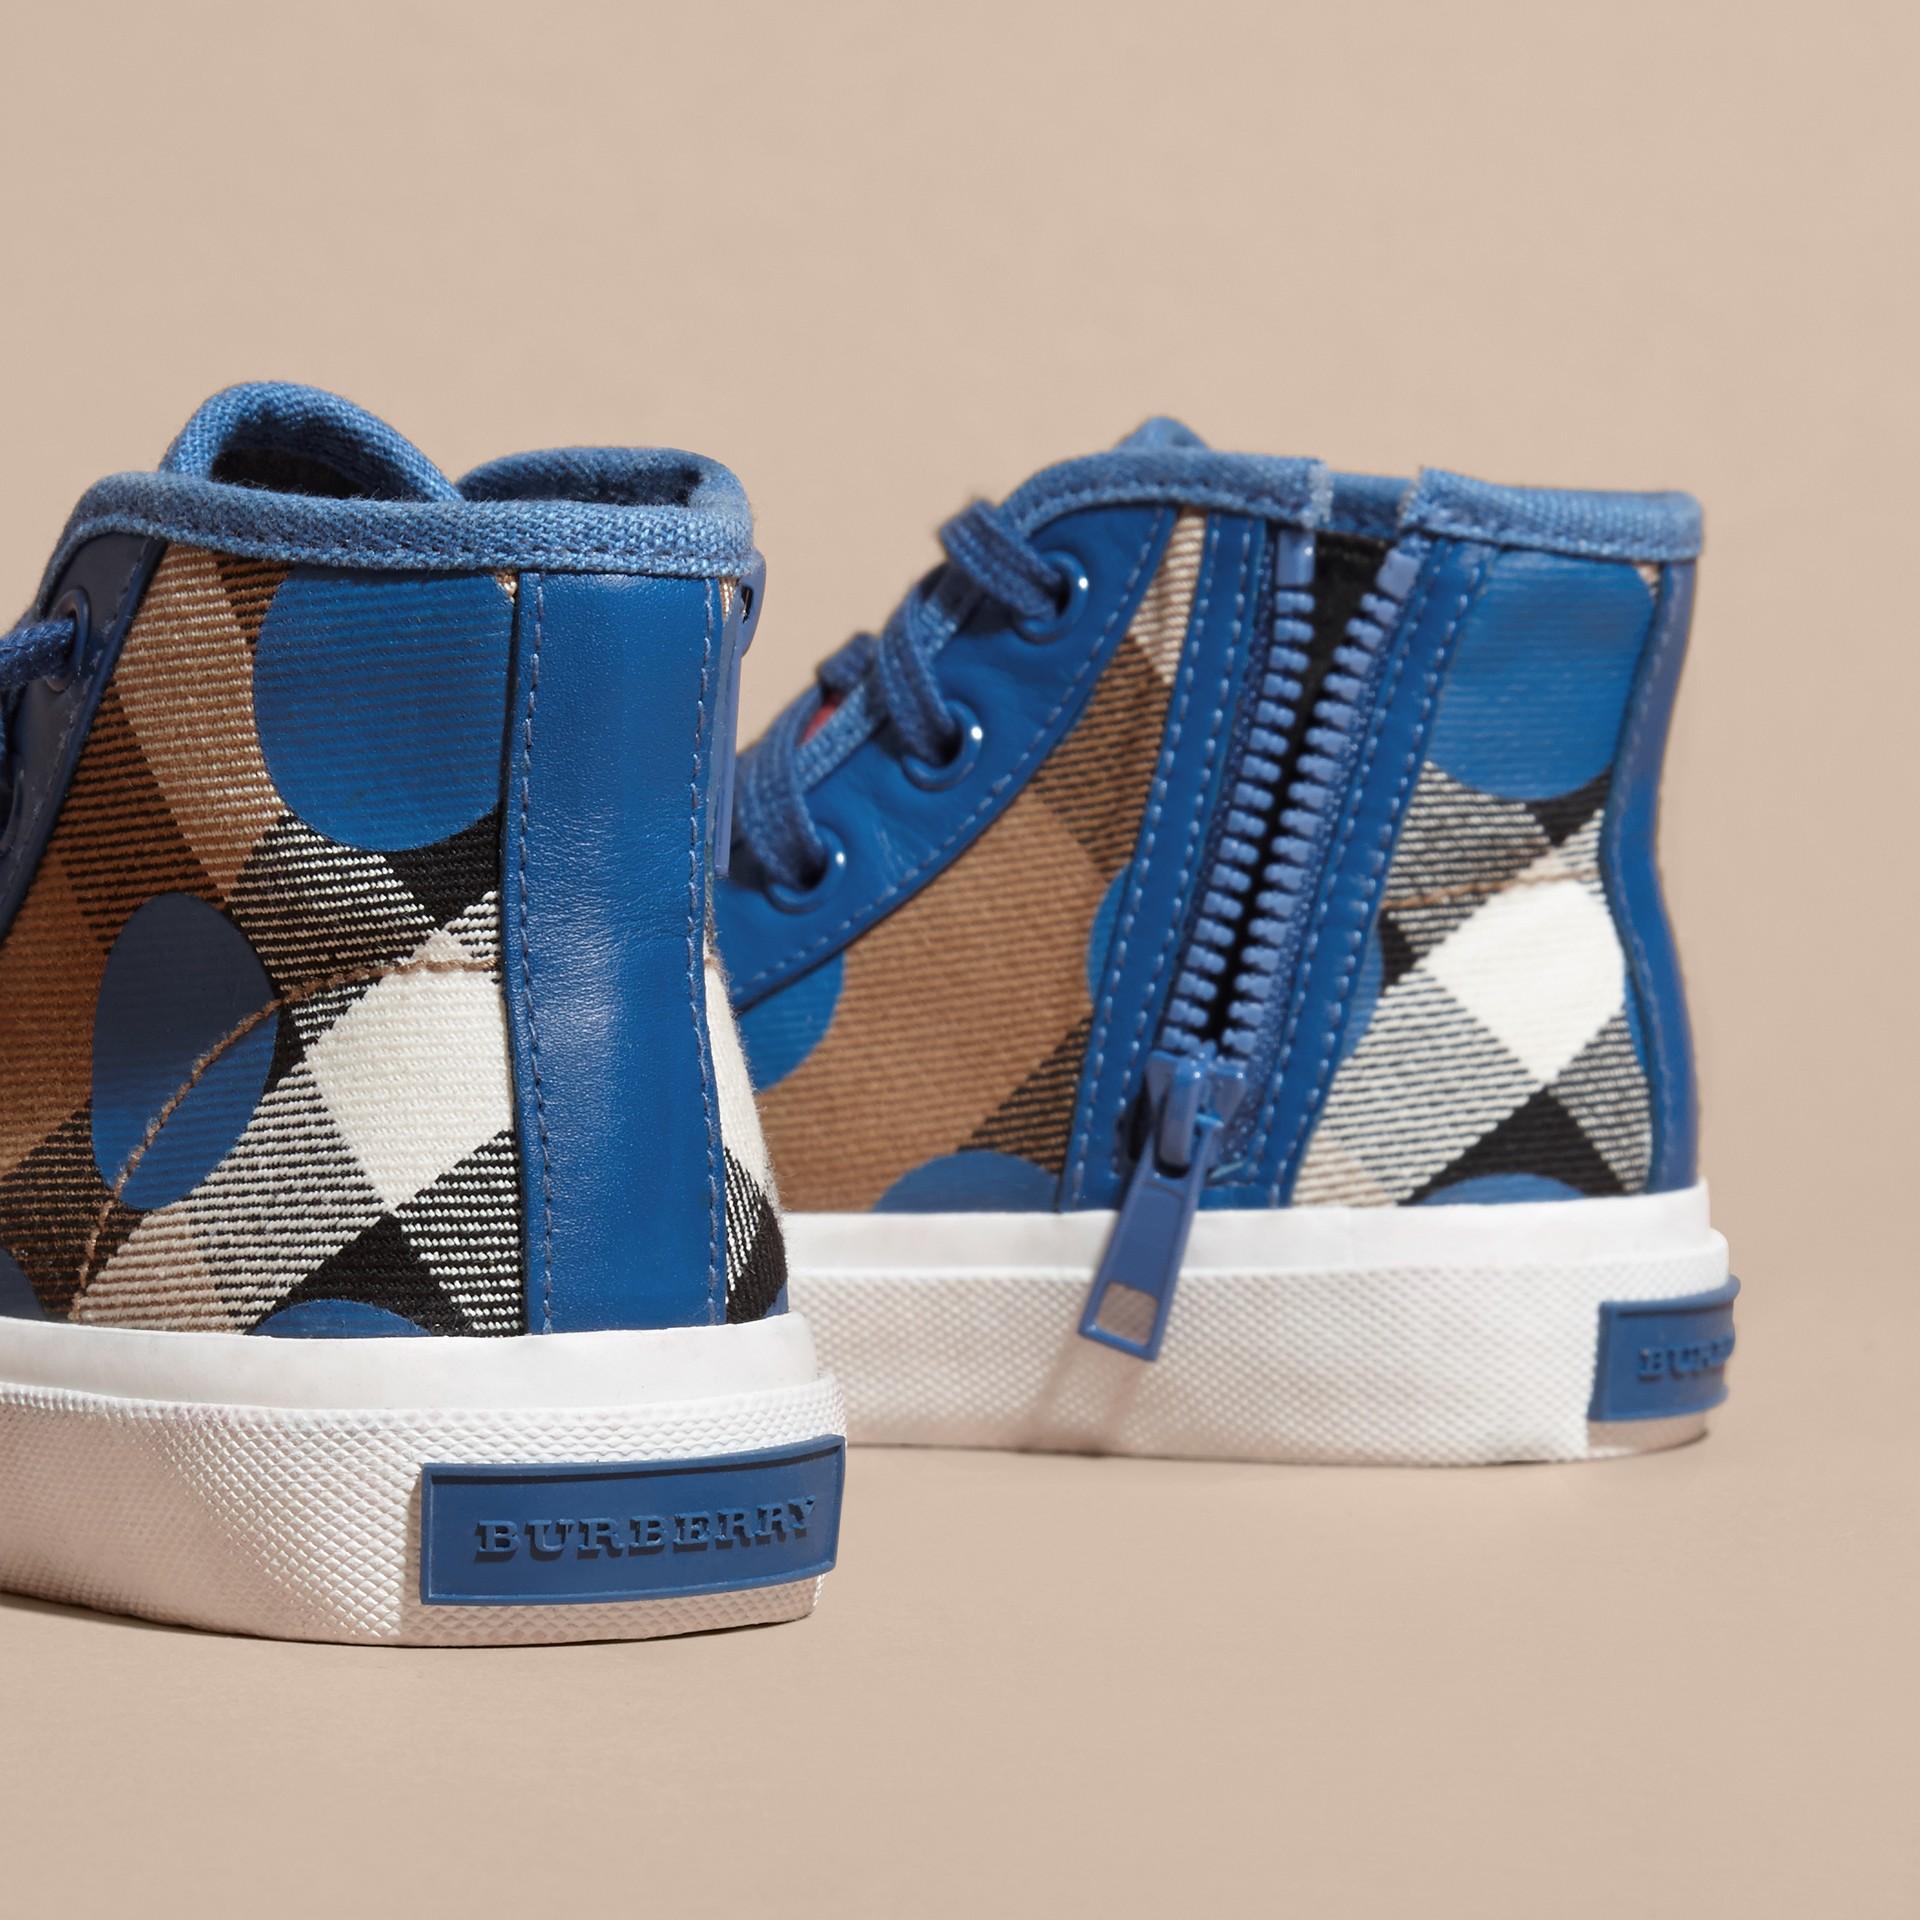 Bleu lupin Sneakers montantes à motif check et imprimé à cœurs, avec détails en cuir Bleu Lupin - photo de la galerie 2